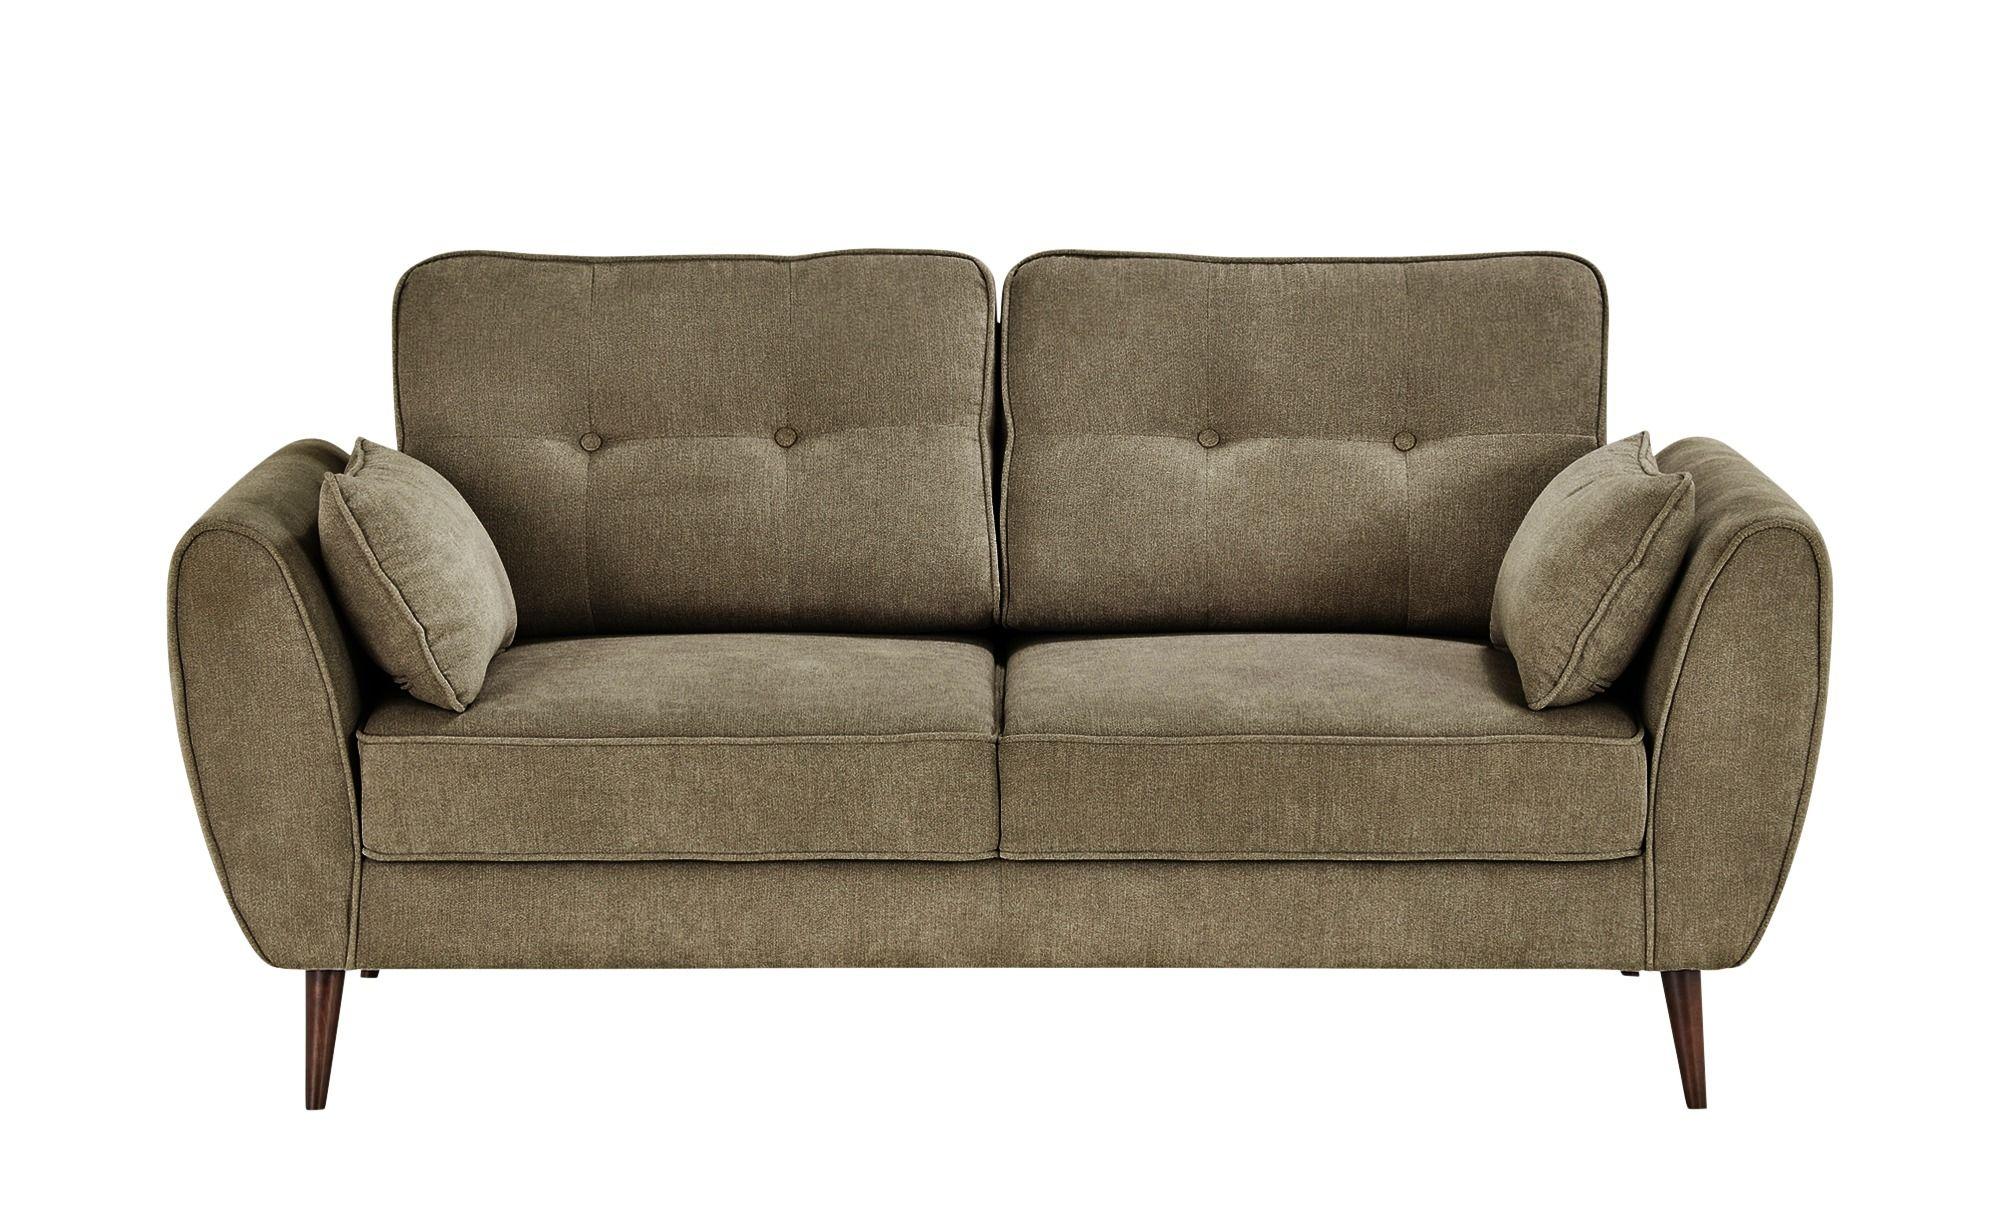 Switch Sofa Candy Braun Masse Cm B 184 H 86 T 94 Polstermobel Sofas 2 Sitzer Hoffner Kunstleder Couch Gunstige Sofas Sofa Weiss